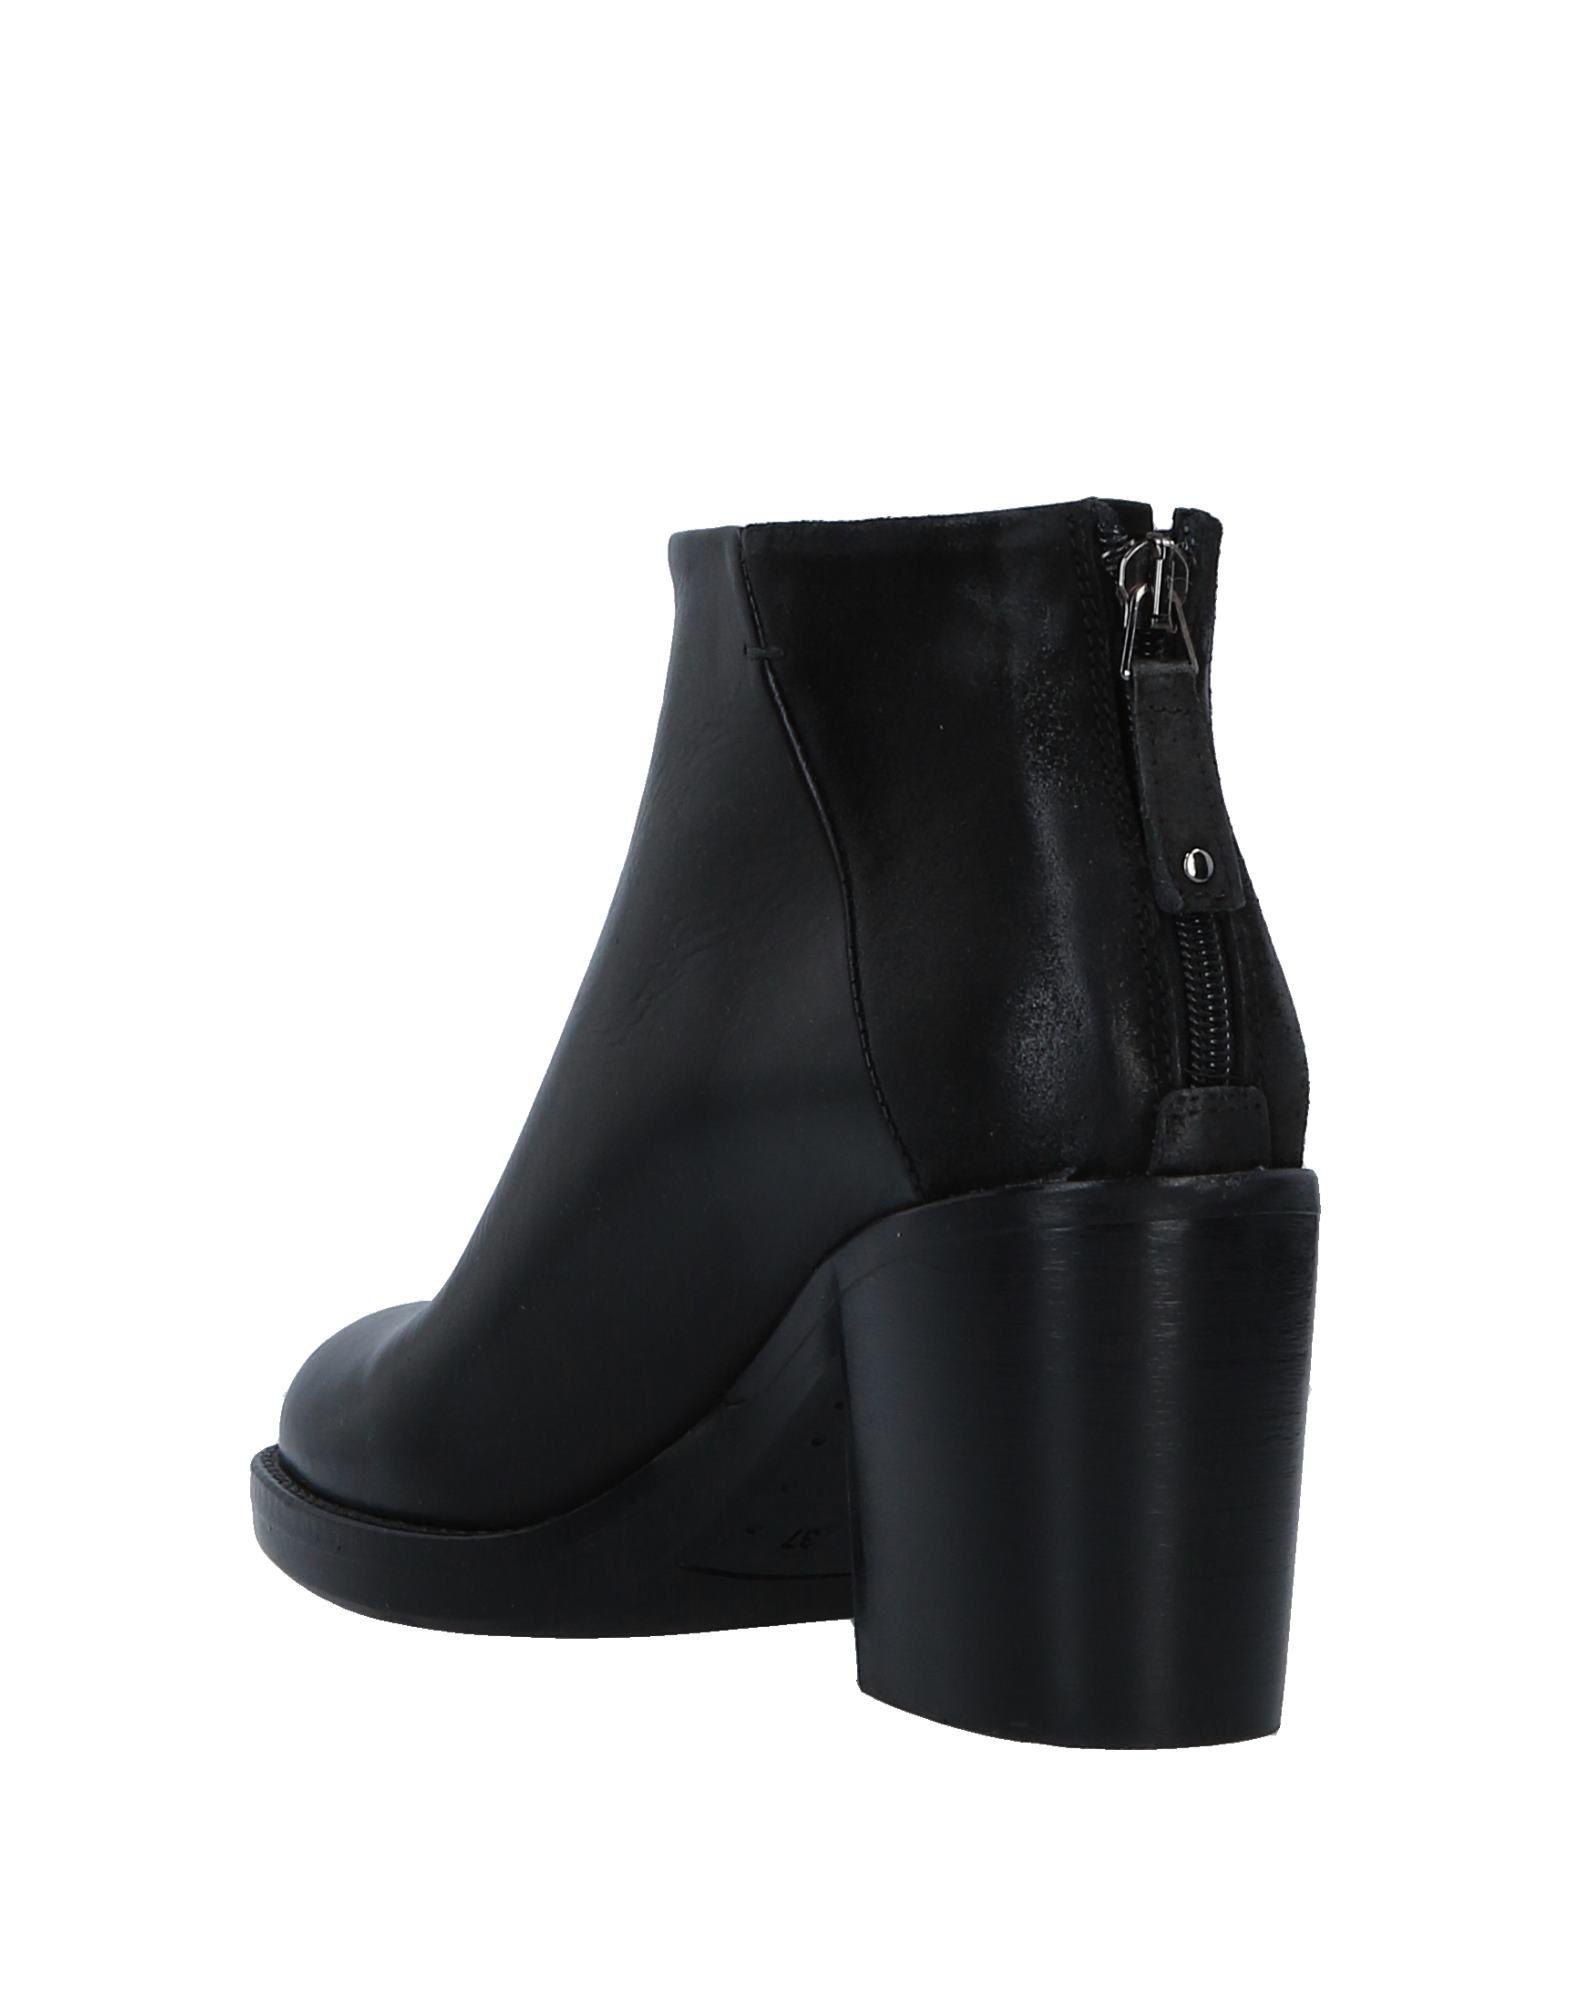 Gut um Stiefelette billige Schuhe zu tragenHundROT 100 Stiefelette um Damen  11516334DT c19d25